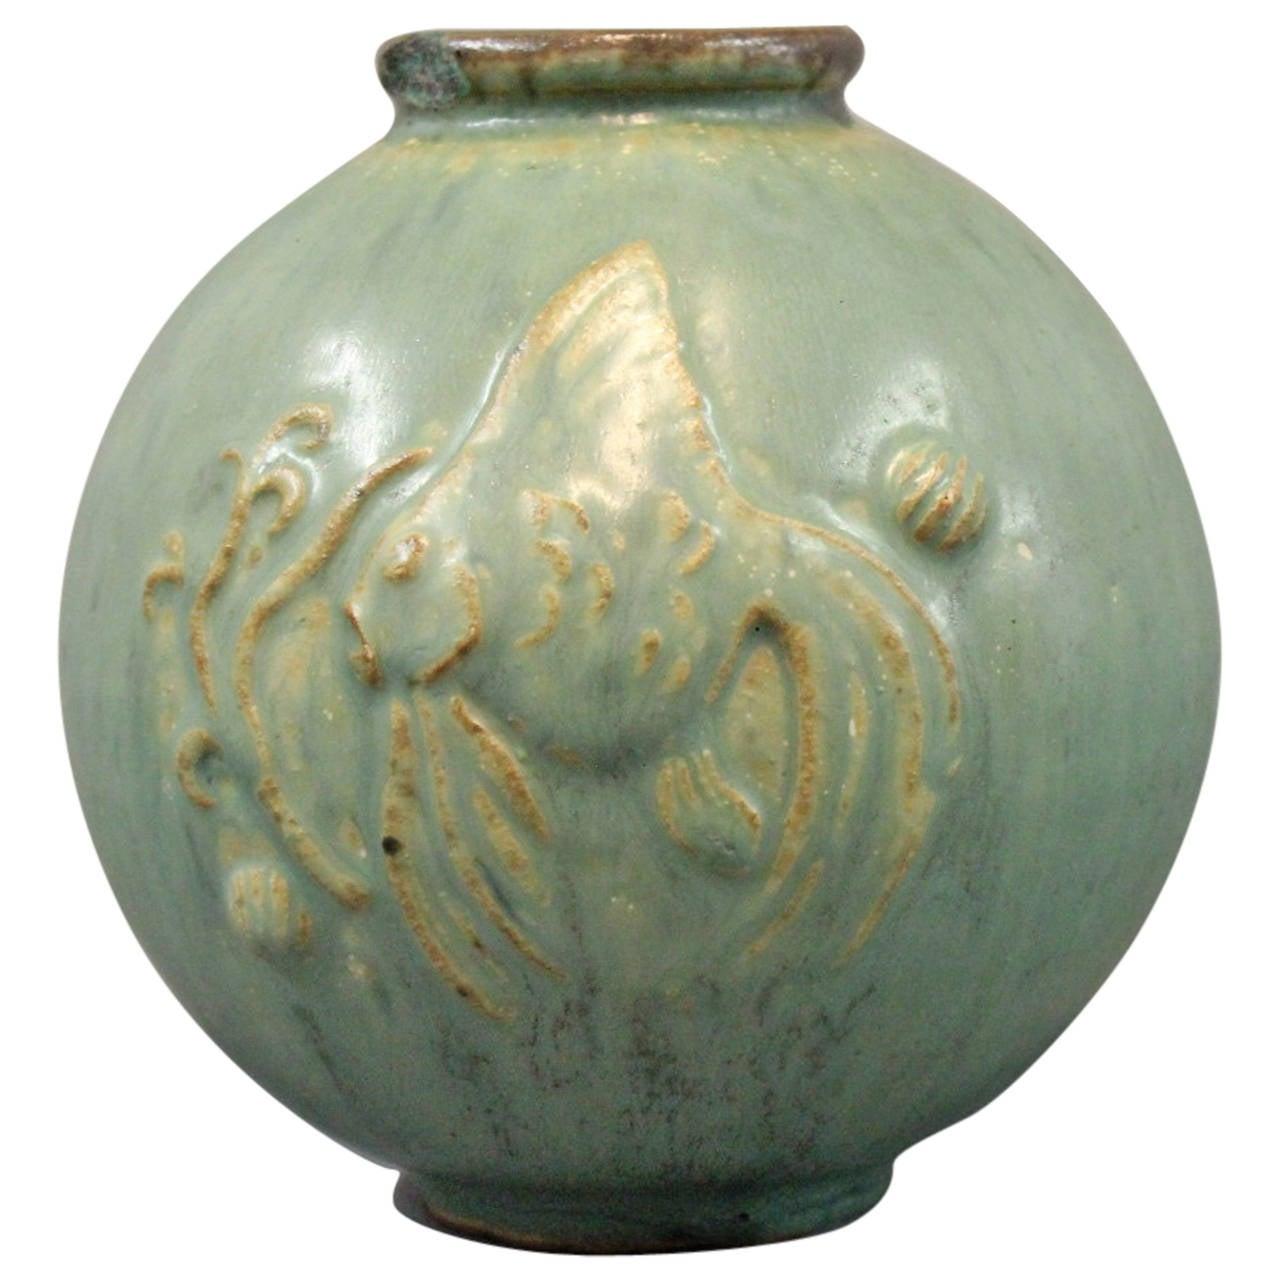 Turquoise ceramic vase, no.: 18 by Arne Bang